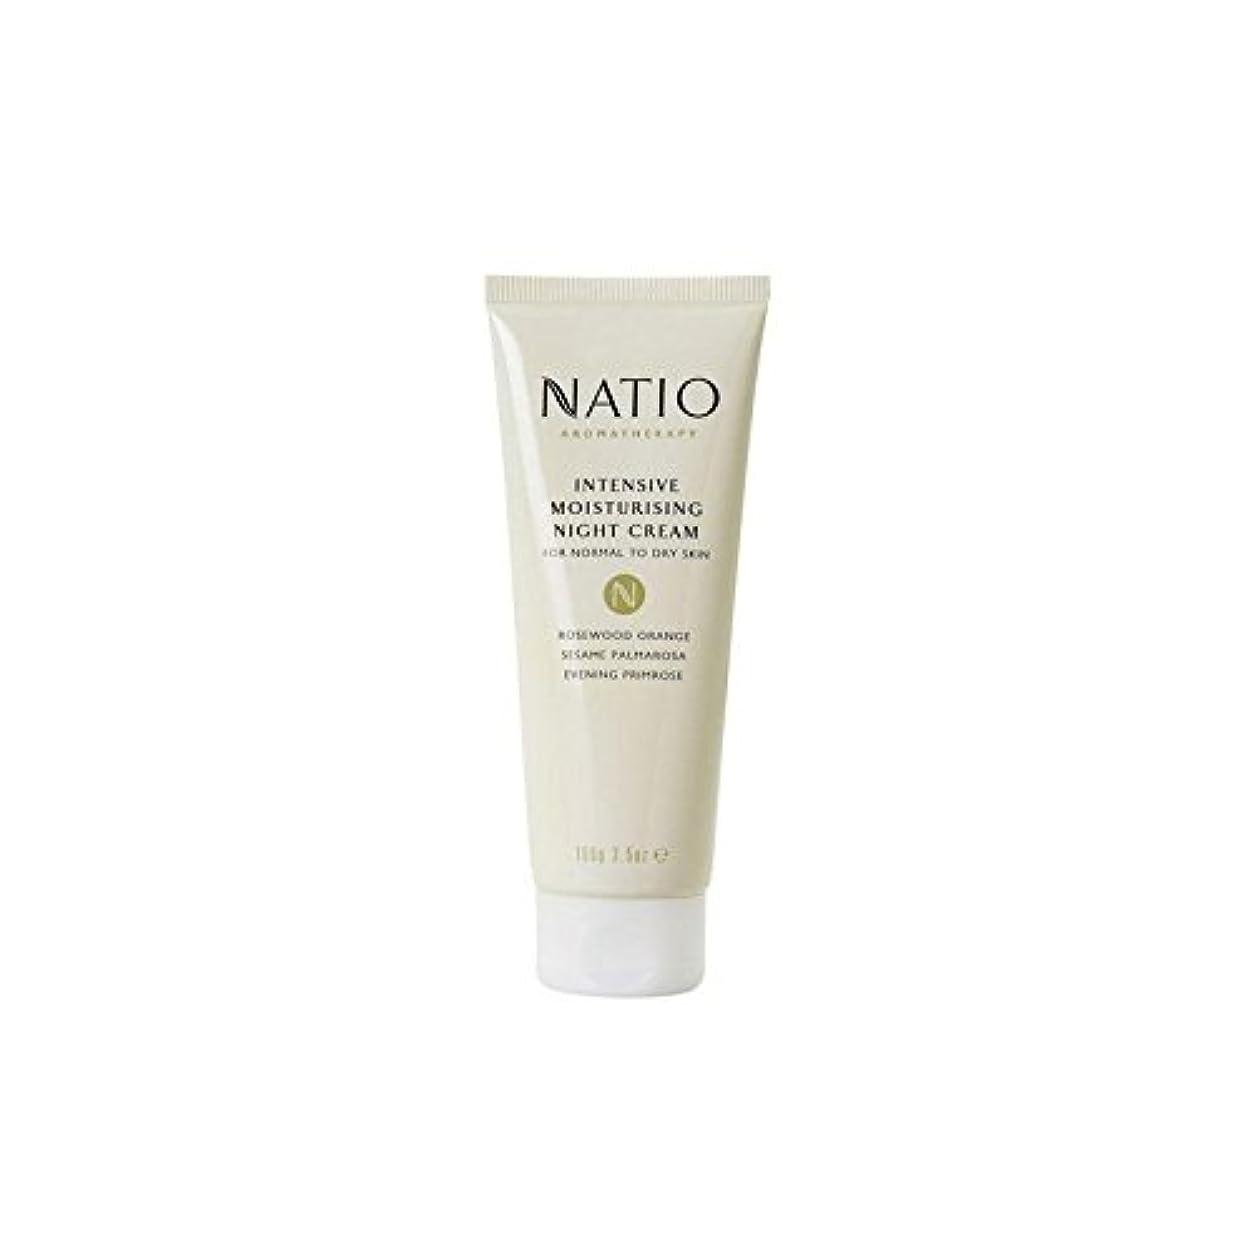 スカルク共感する苦悩集中的な保湿ナイトクリーム(100グラム) x4 - Natio Intensive Moisturising Night Cream (100G) (Pack of 4) [並行輸入品]